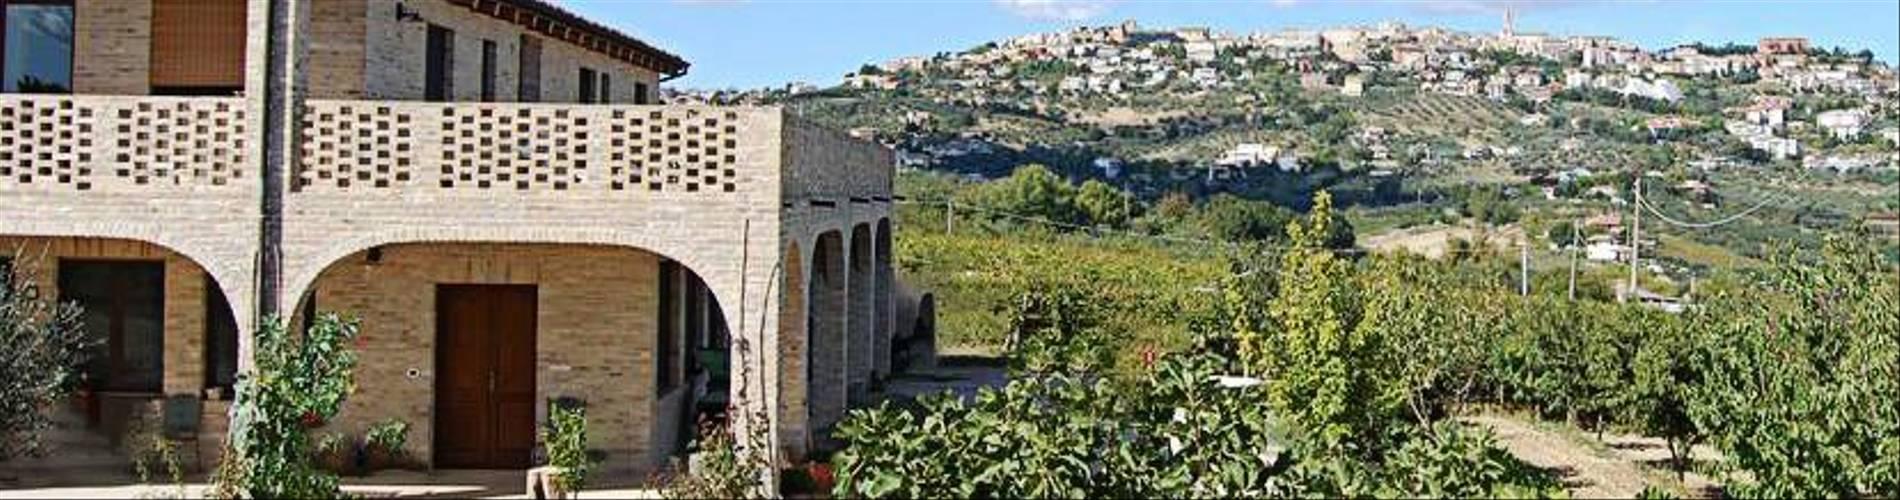 Il Grappolo, Abruzzo, Italy (4).jpg